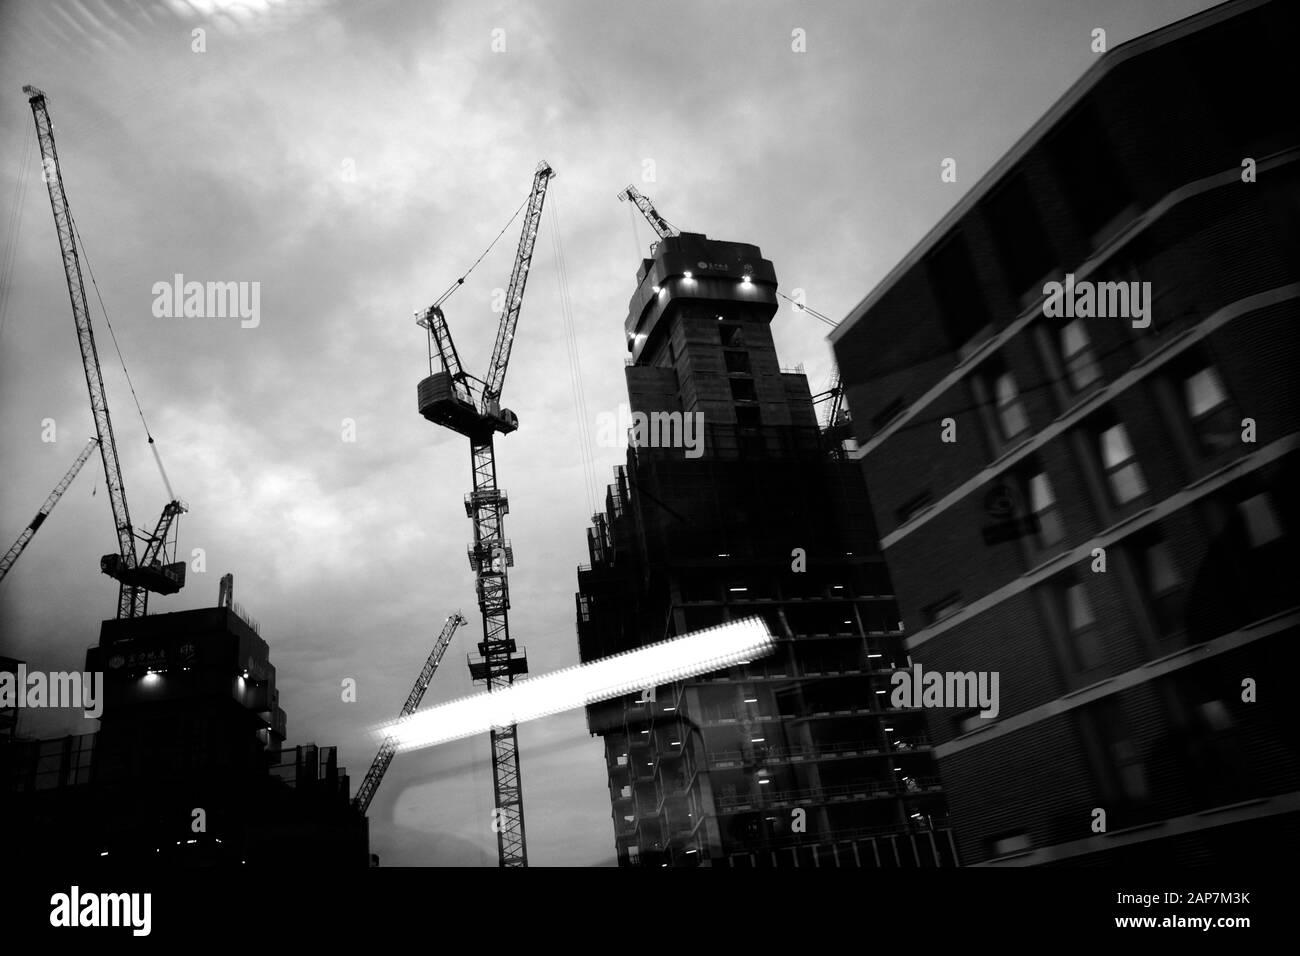 Tower Cranes visto desde y a través de la ventana de un tren en movimiento que llega a la estación de tren de Waterloo en Londres con reflejos luminosos en el cristal Foto de stock